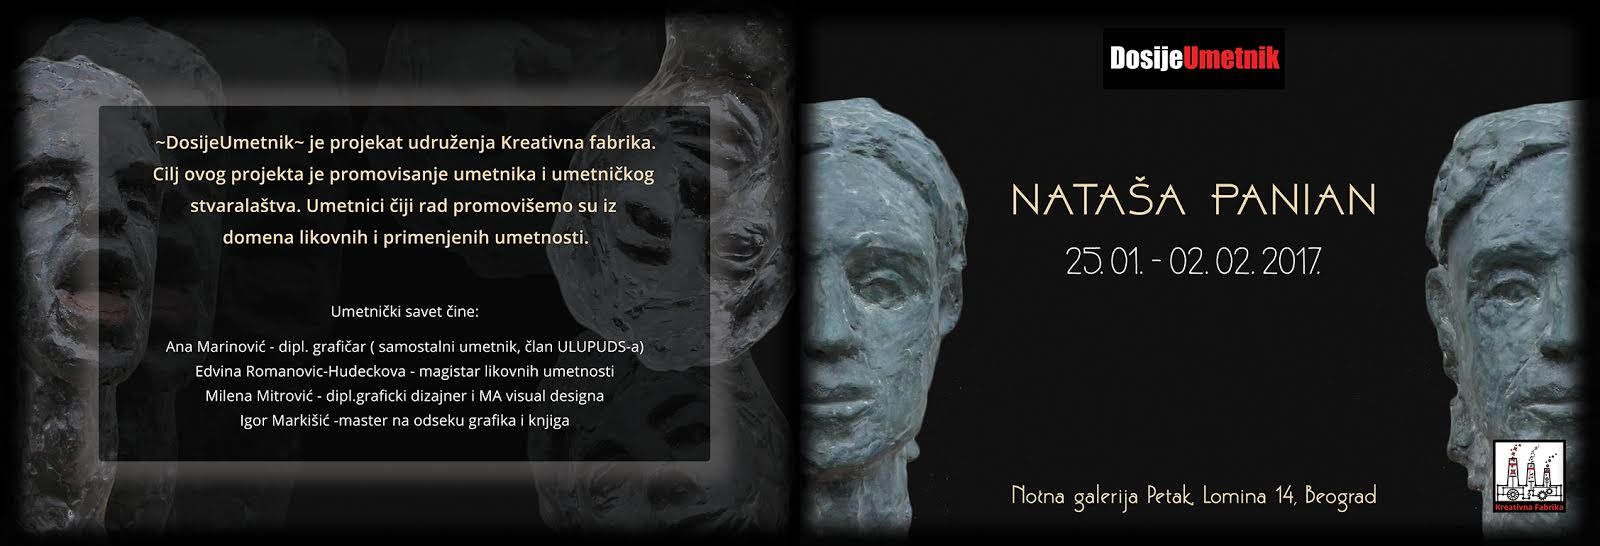 DosijeUmetnik  predstavlja skulpture Nataše Panian